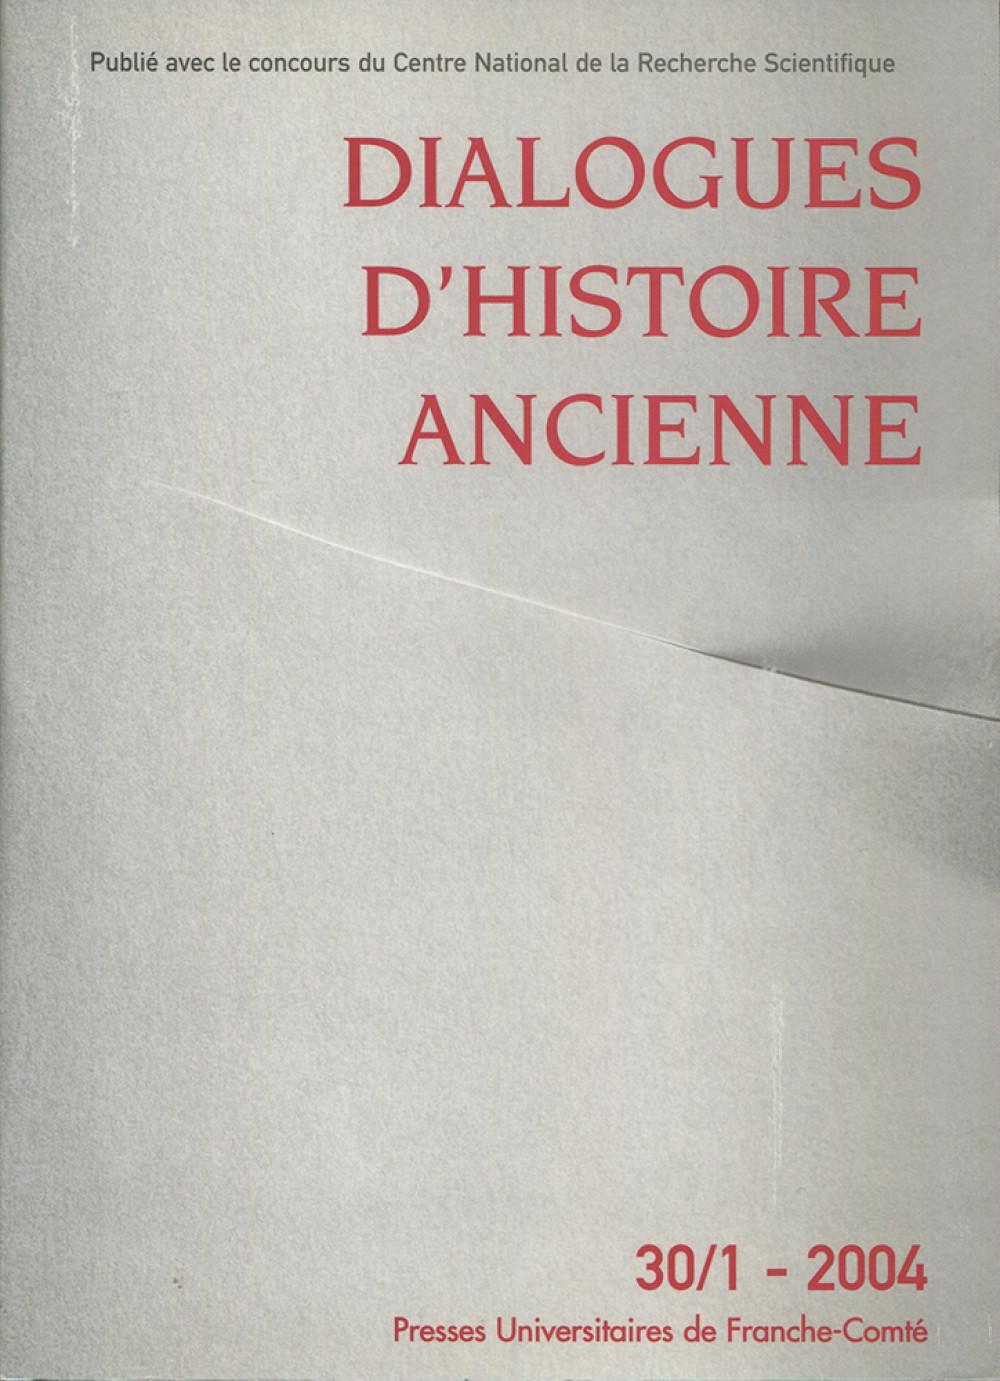 Dialogues d'histoire ancienne 30/1